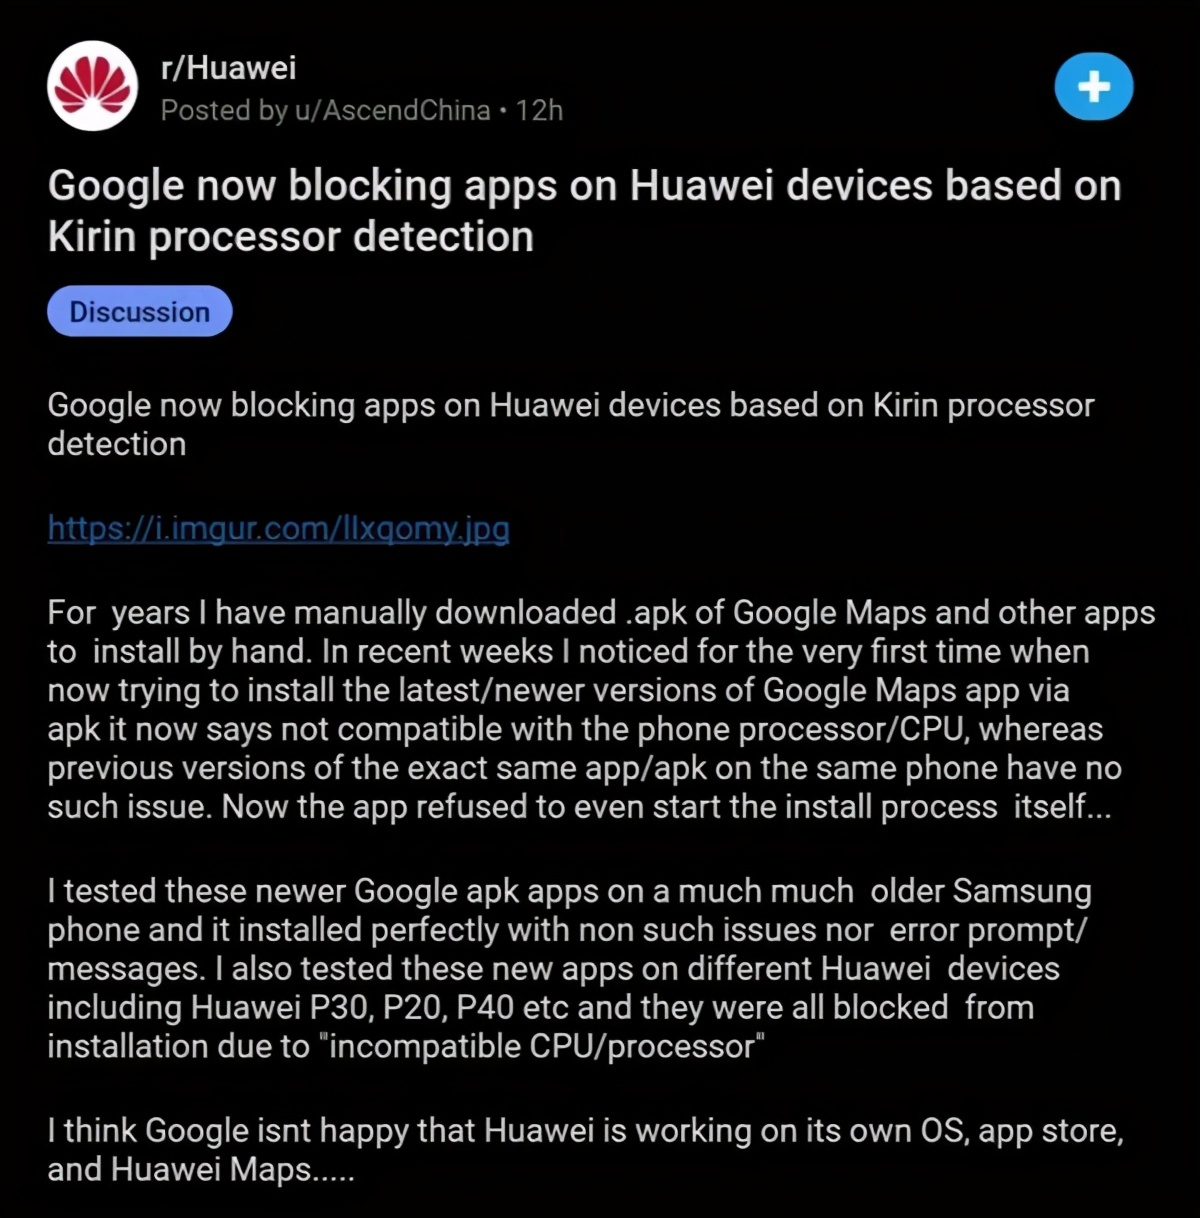 网曝谷歌彻底封杀华为!检测到麒麟SoC禁止安装应用